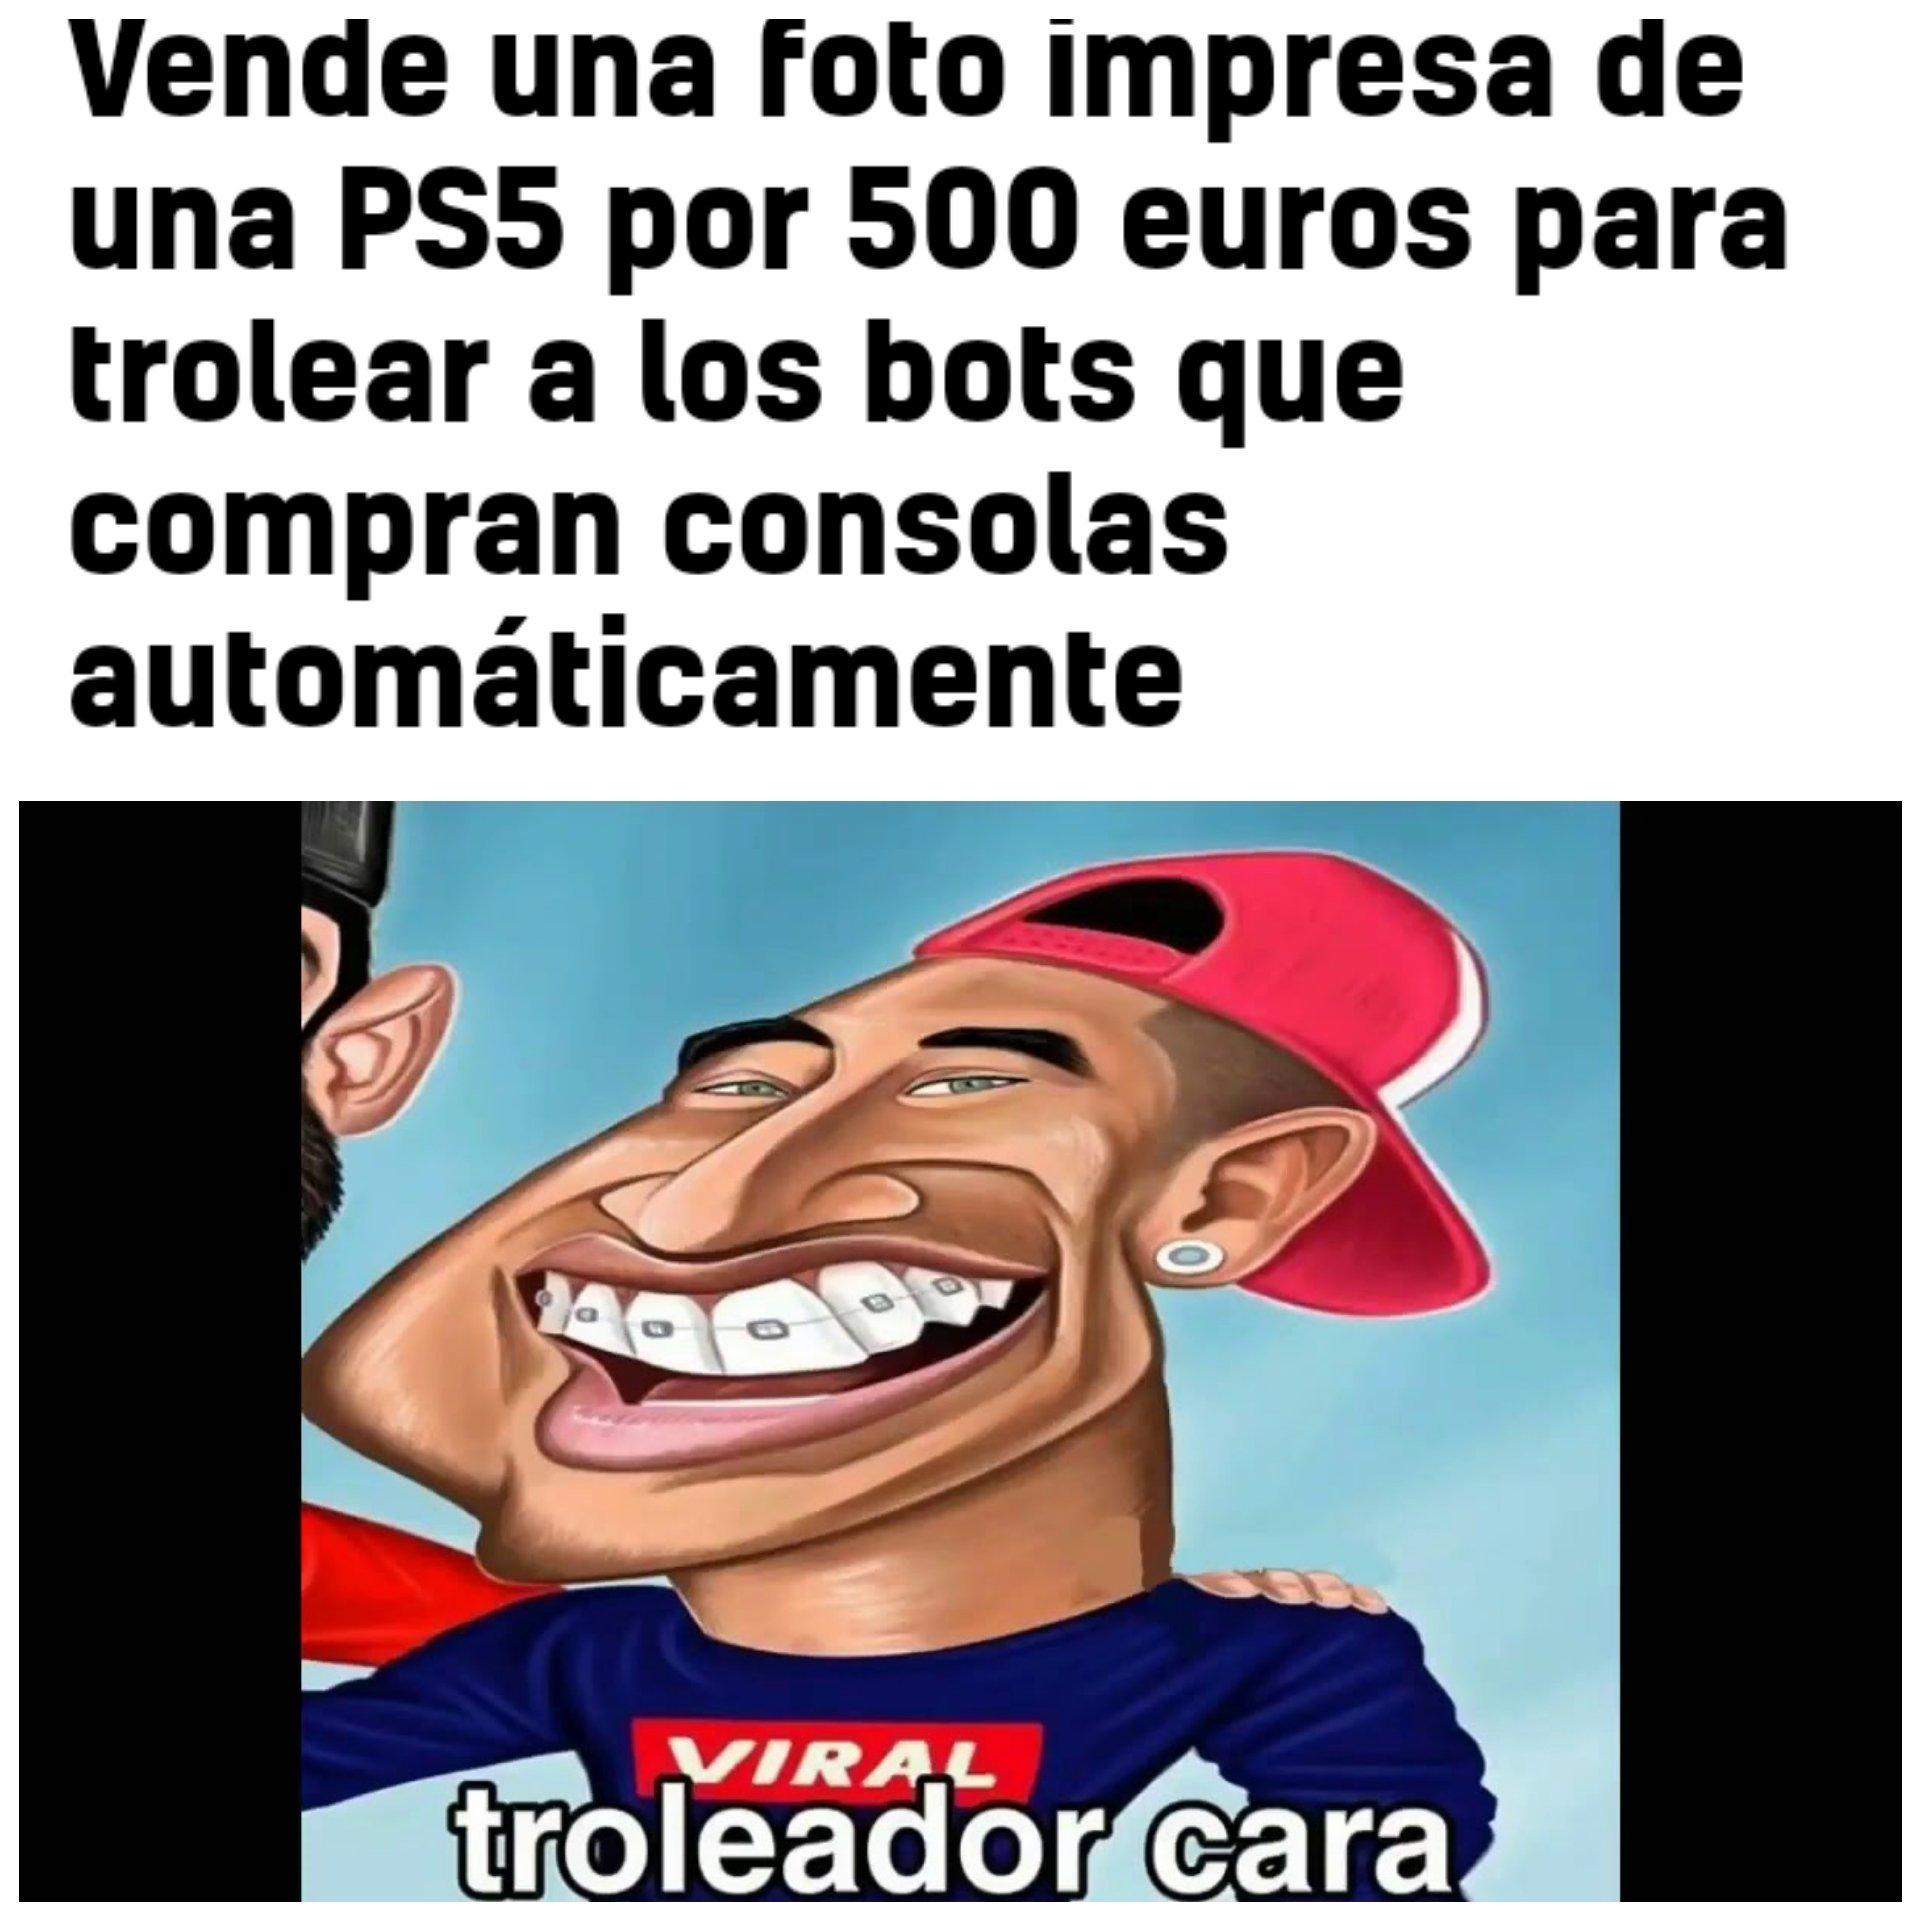 Trolleador de bots xdd - meme